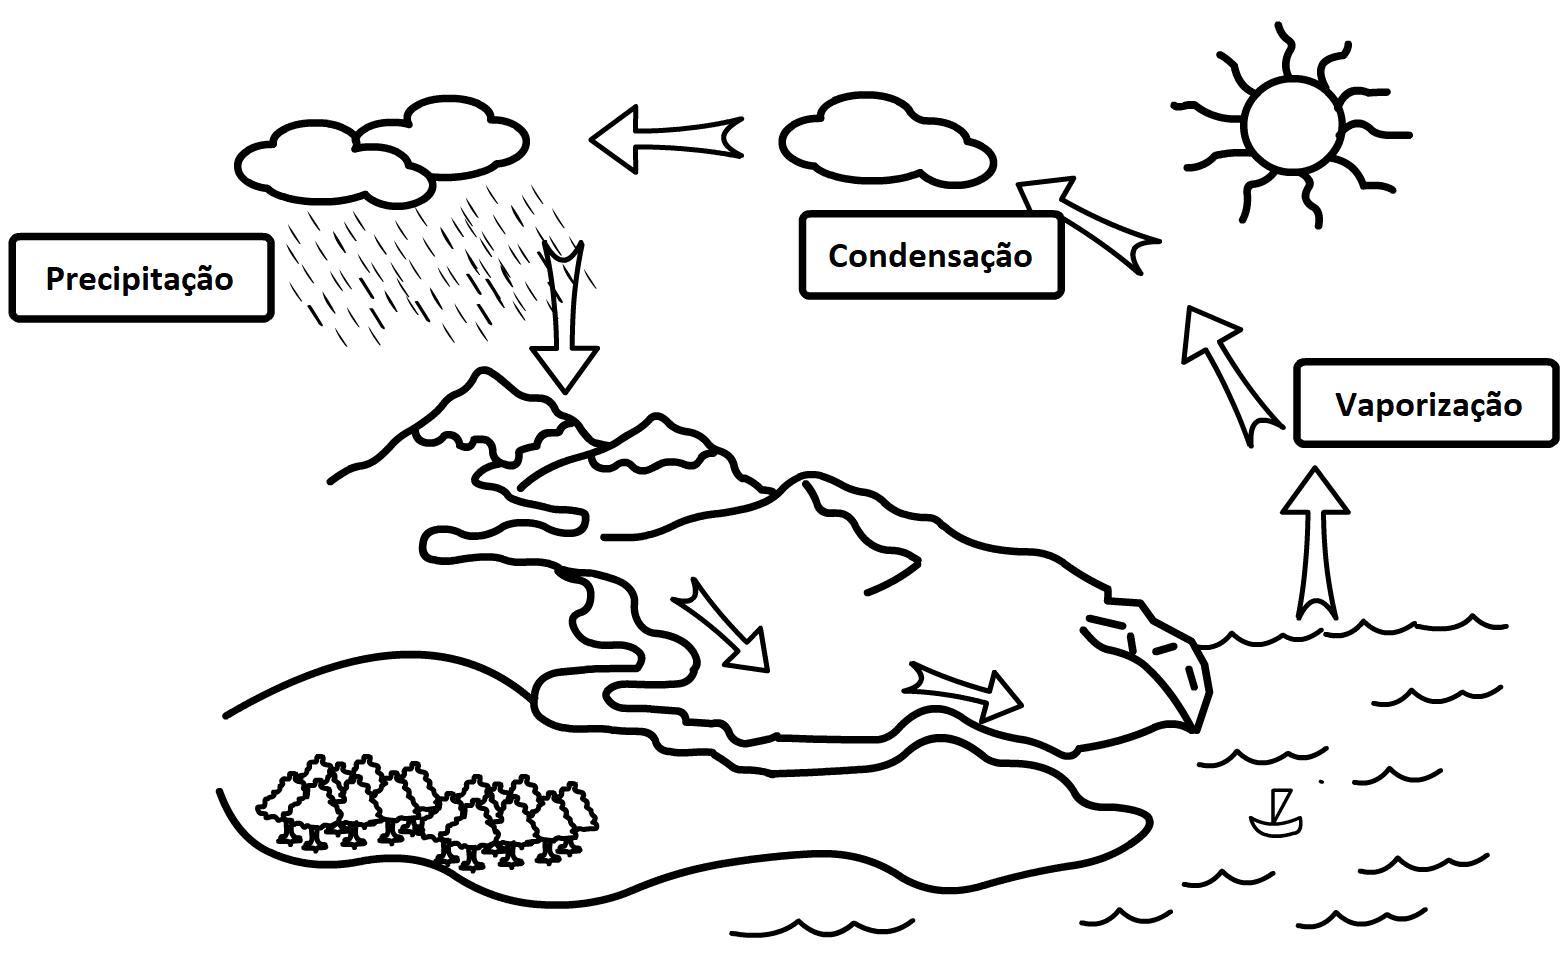 Desenho simplificado mostrando o ciclo da água